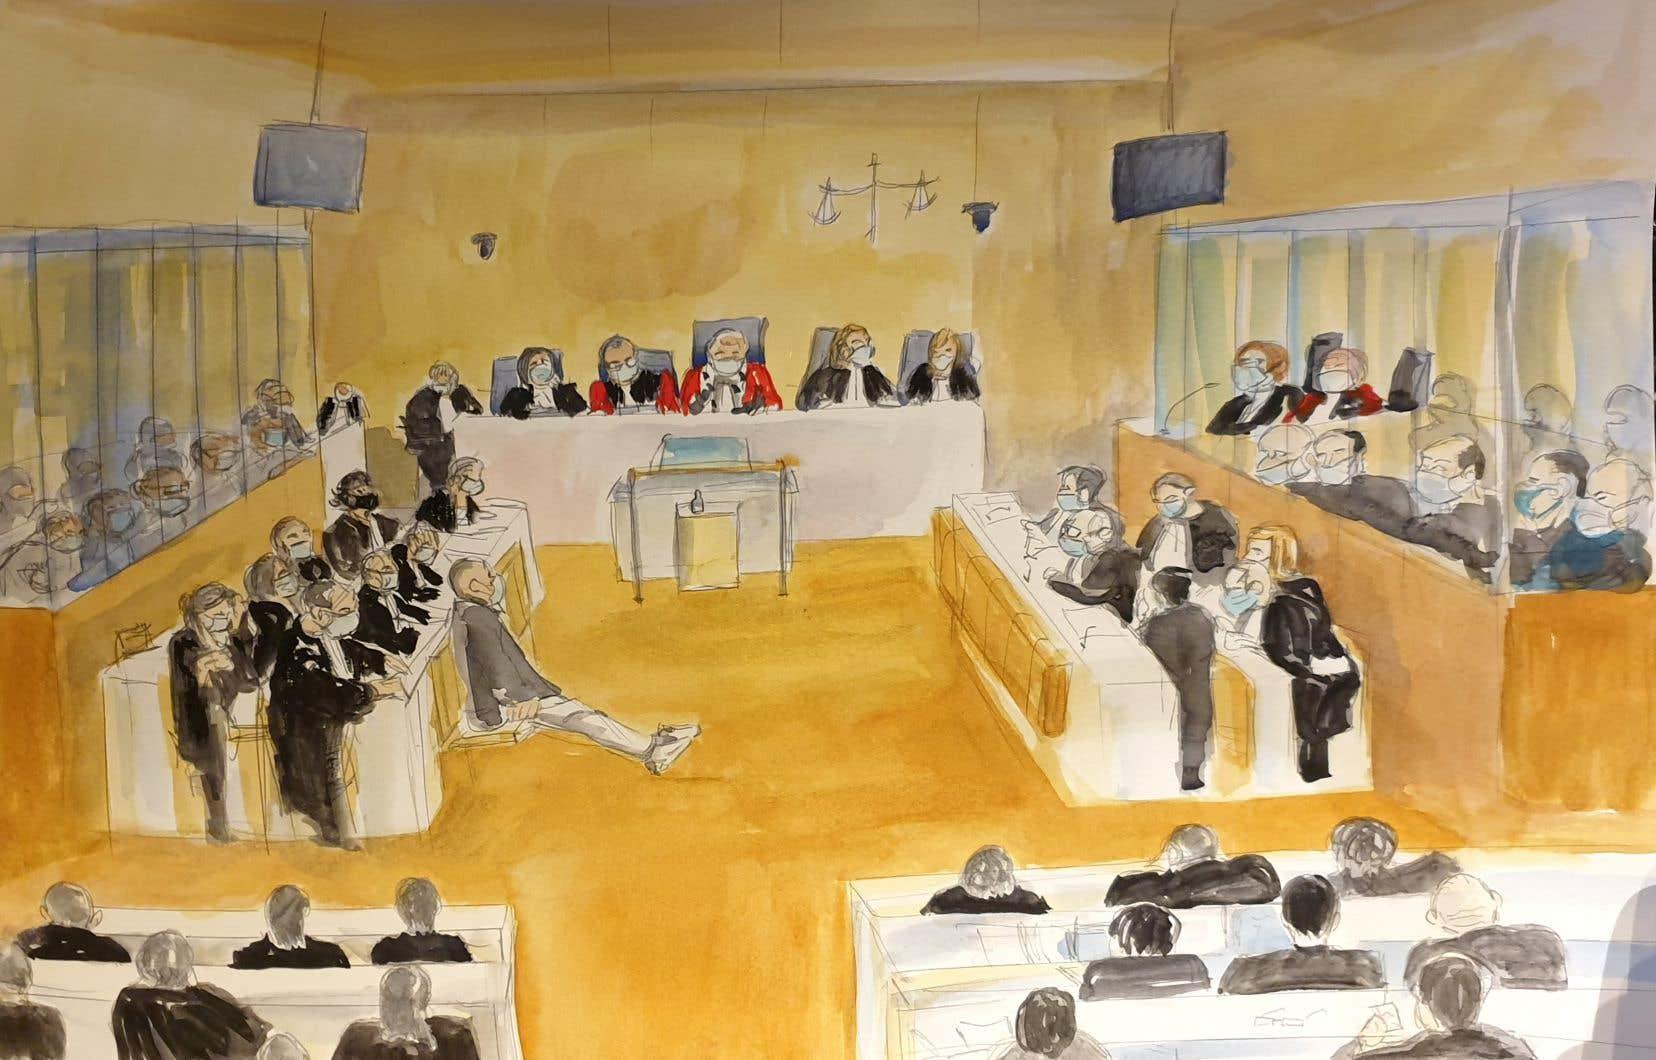 Ce croquis réalisé le 16 décembre 2020 montre une vue générale de la salle du palais de justice de Paris où se tenait l'audience de détermination de la peine dans le procès de 14 complices présumés des hommes armés islamistes qui ont assassiné 17 personnes en trois jours d'attentats en janvier 2015, à commencer par le massacre de 12 personnes à l'hebdomadaire satirique «Charlie Hebdo».